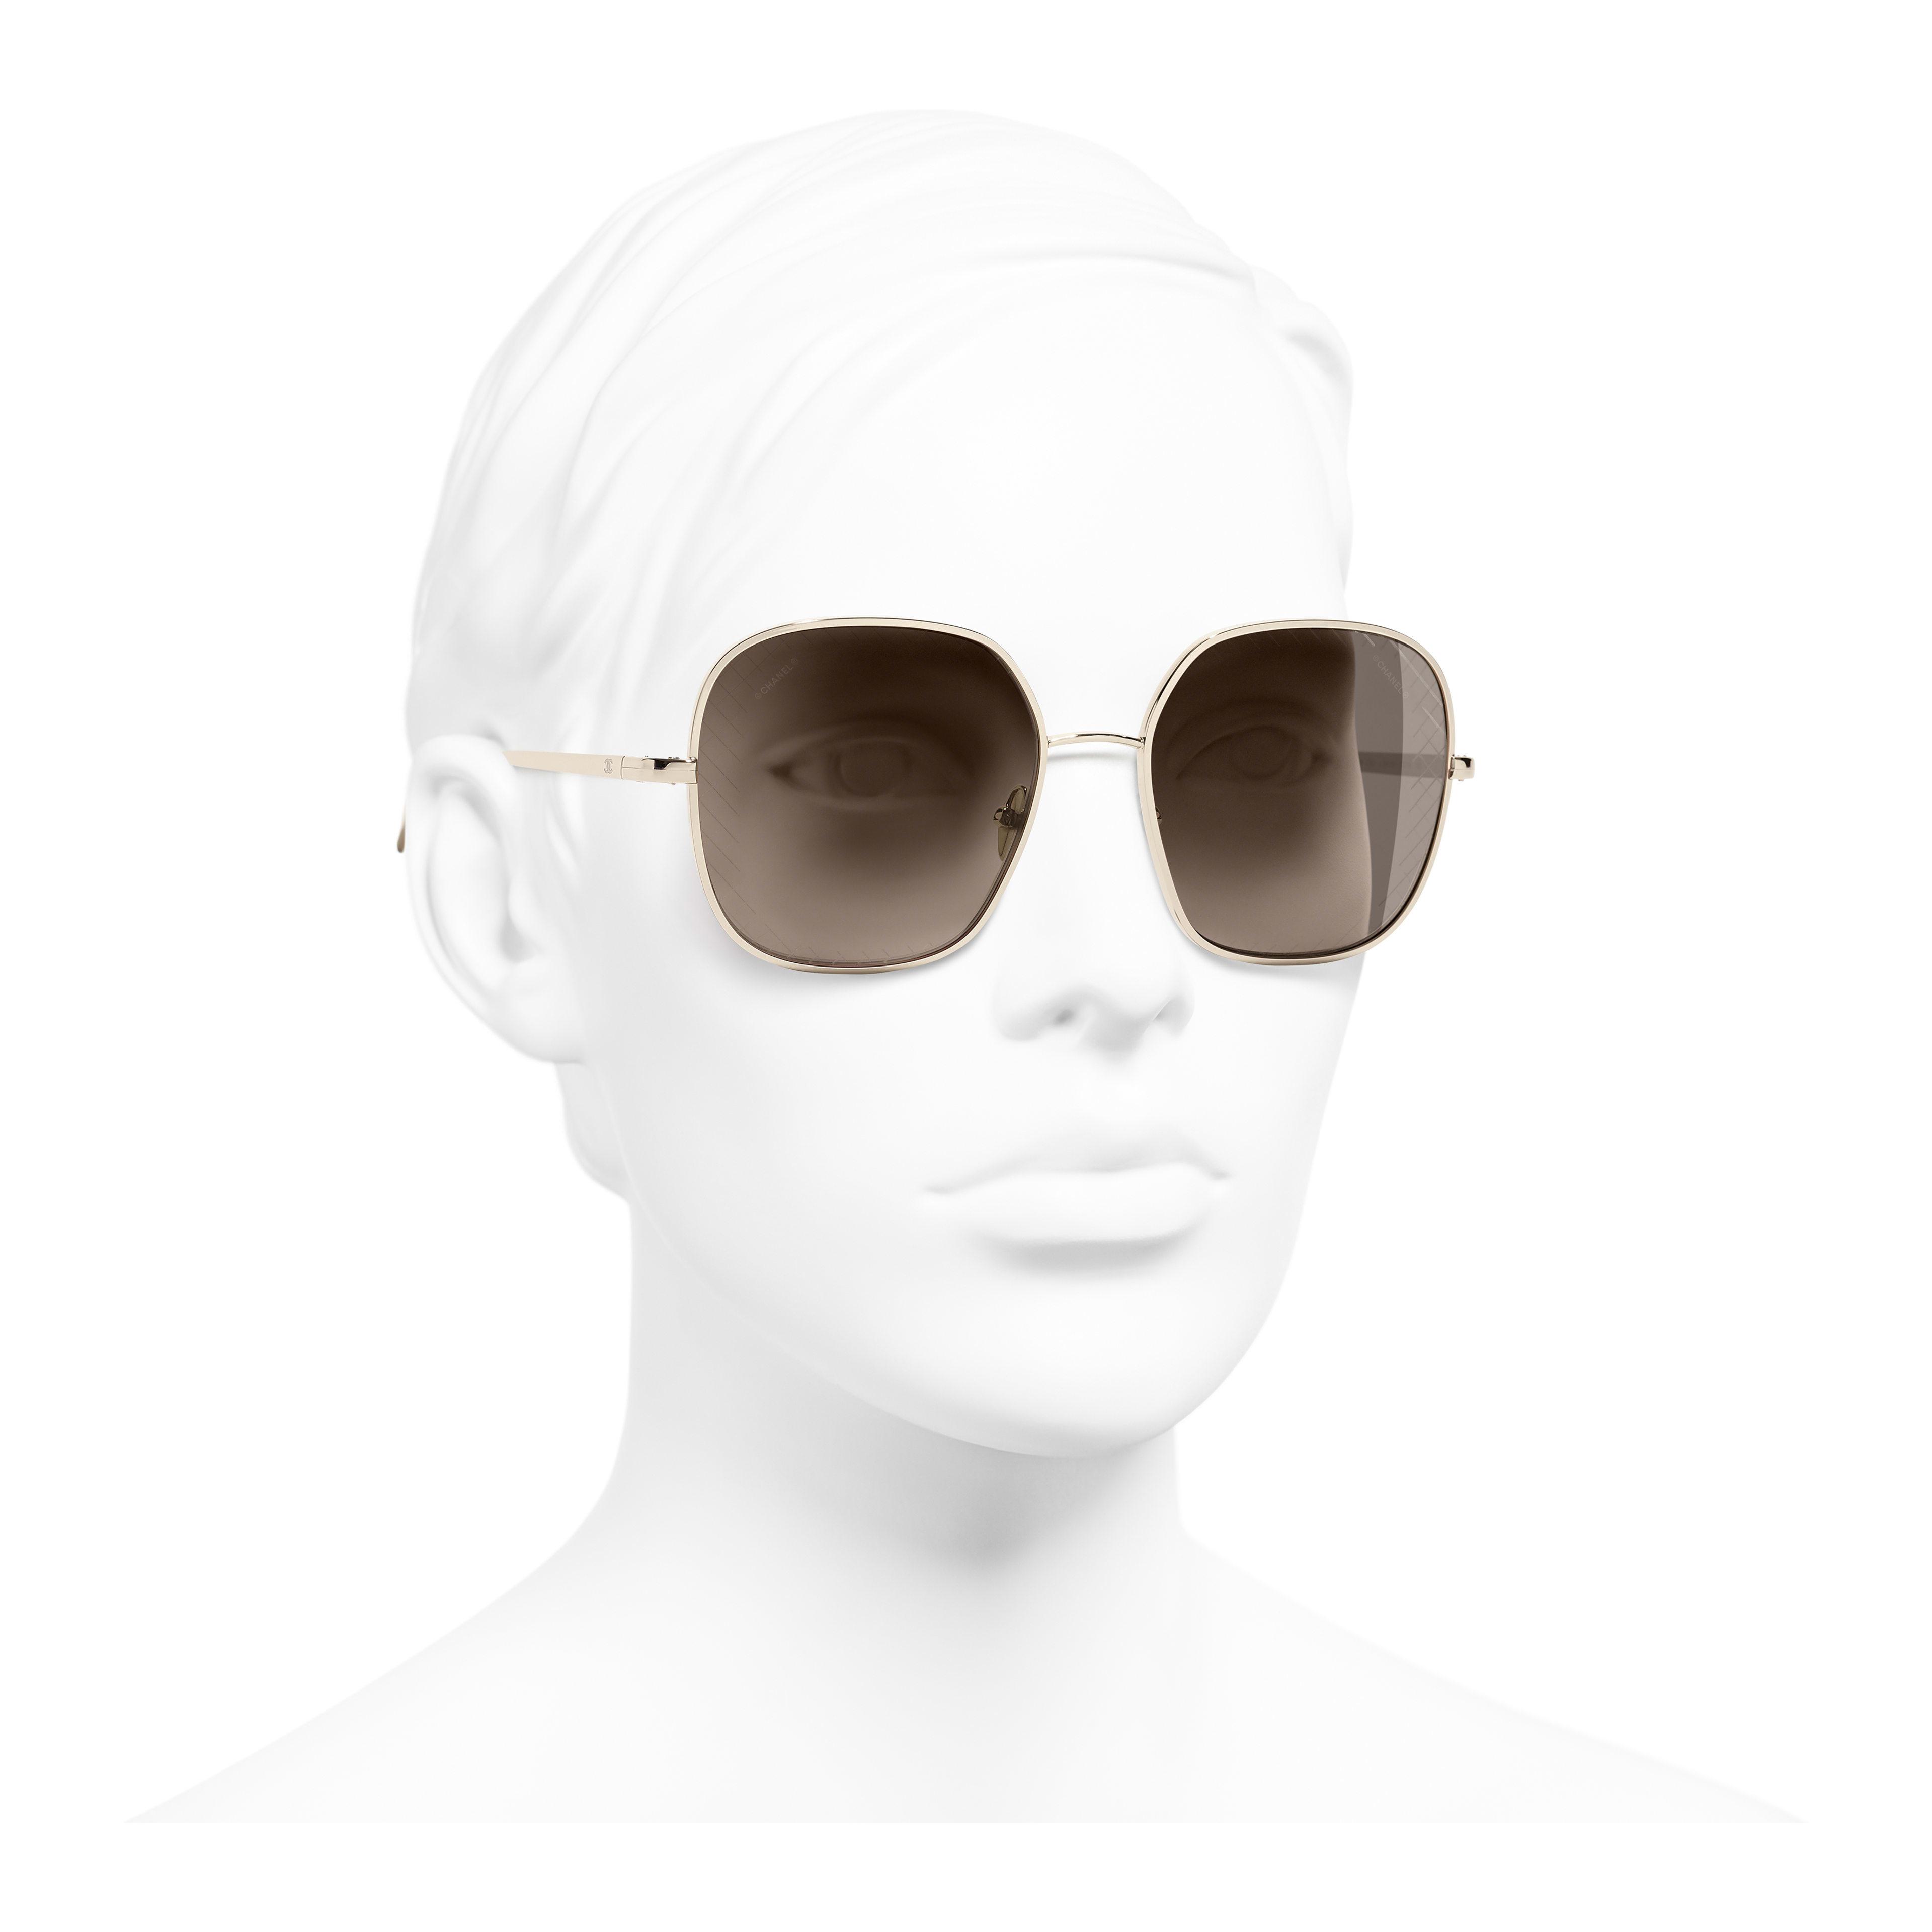 Солнцезащитные очки квадратной формы - Золотистый - Металл - Вид в три четверти - посмотреть полноразмерное изображение